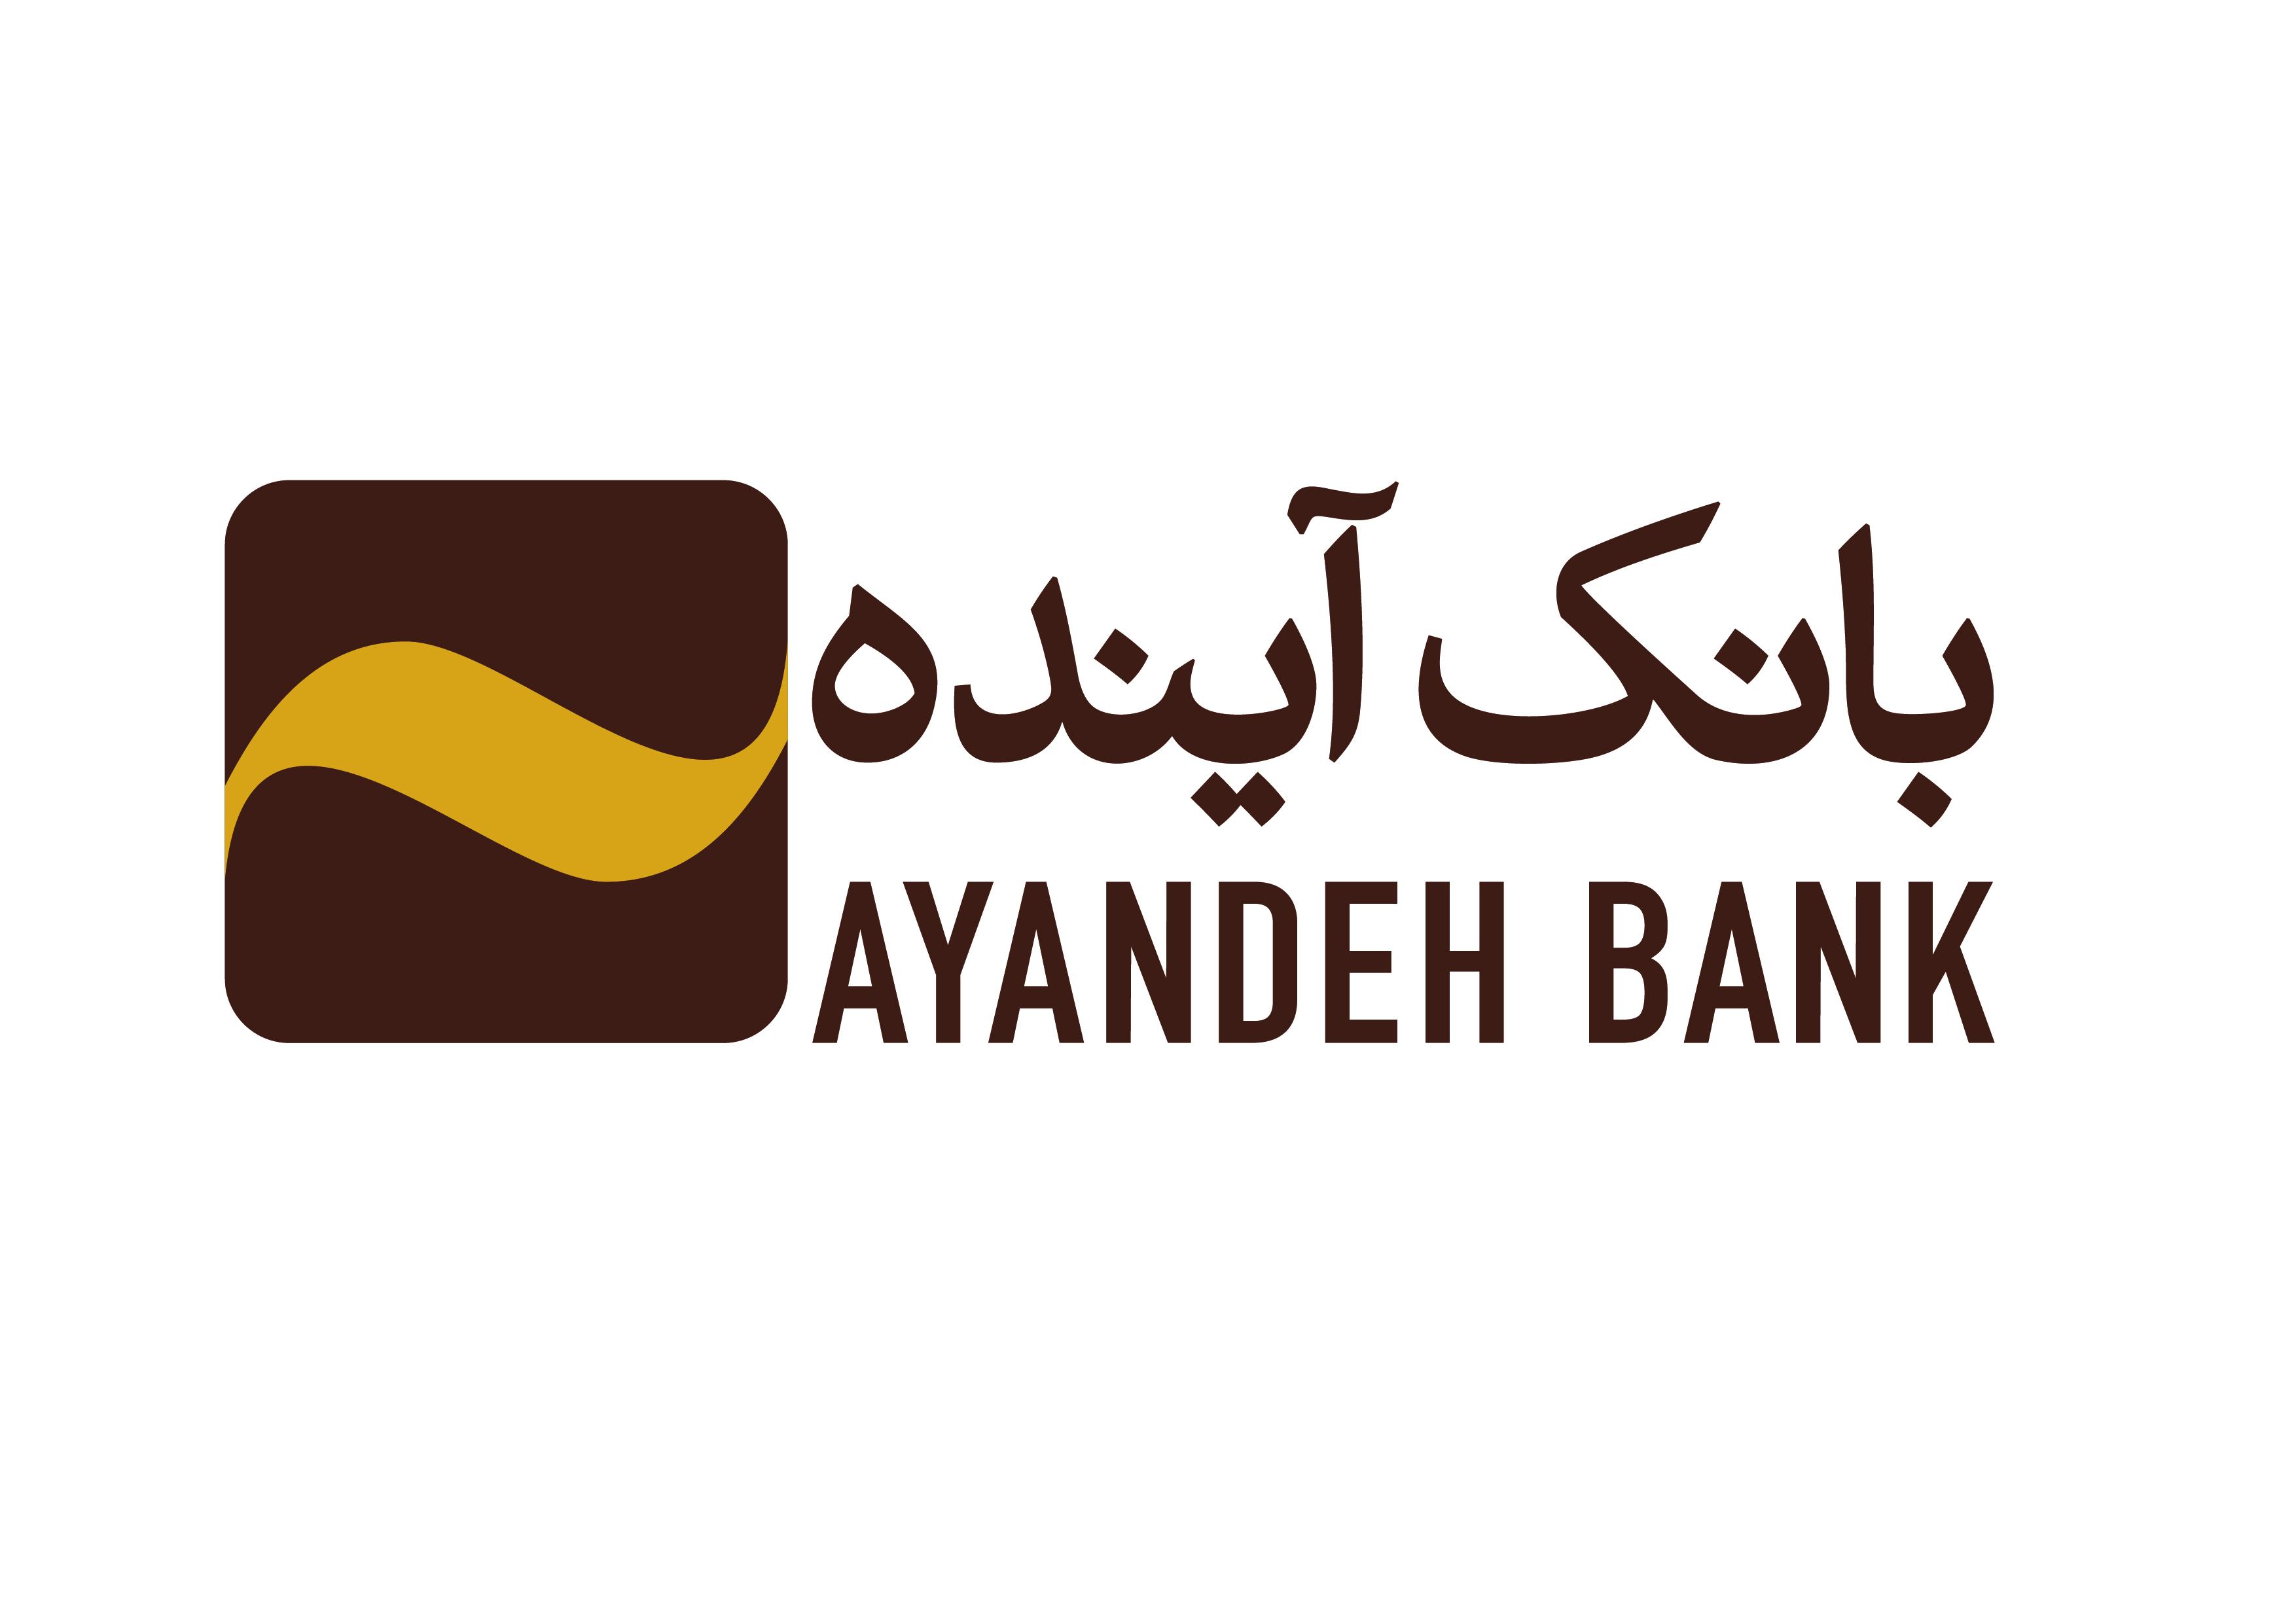 تداوم عرضه گواهی سپرده بانک آینده تا ۱۰ اسفند